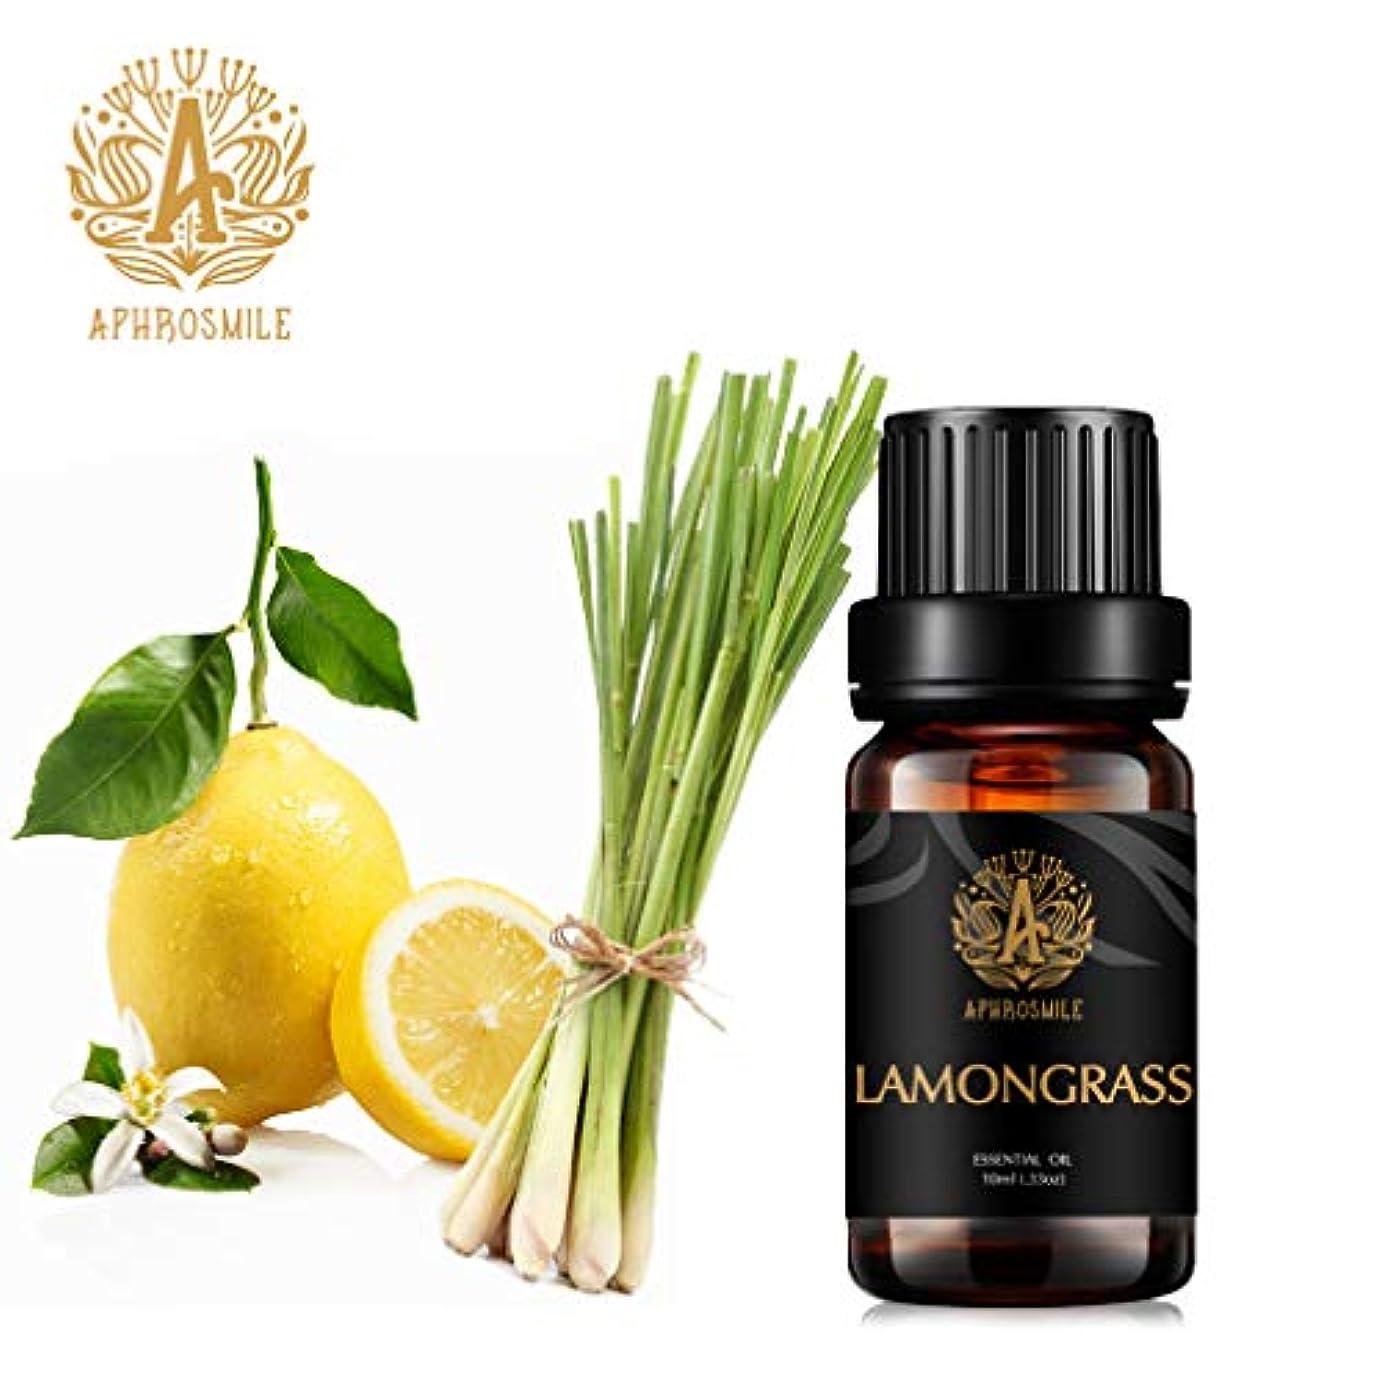 やむを得ないタイマー刑務所レモングラスのエッセンシャルオイル、100%純粋なアロマセラピーエッセンシャルオイルレモングラス香り、疲労を和らげ、治療上の等級の精油レモングラスの芳香為に拡散器、マッサージ、加湿器、毎日の心配、0.33オンス-10ml